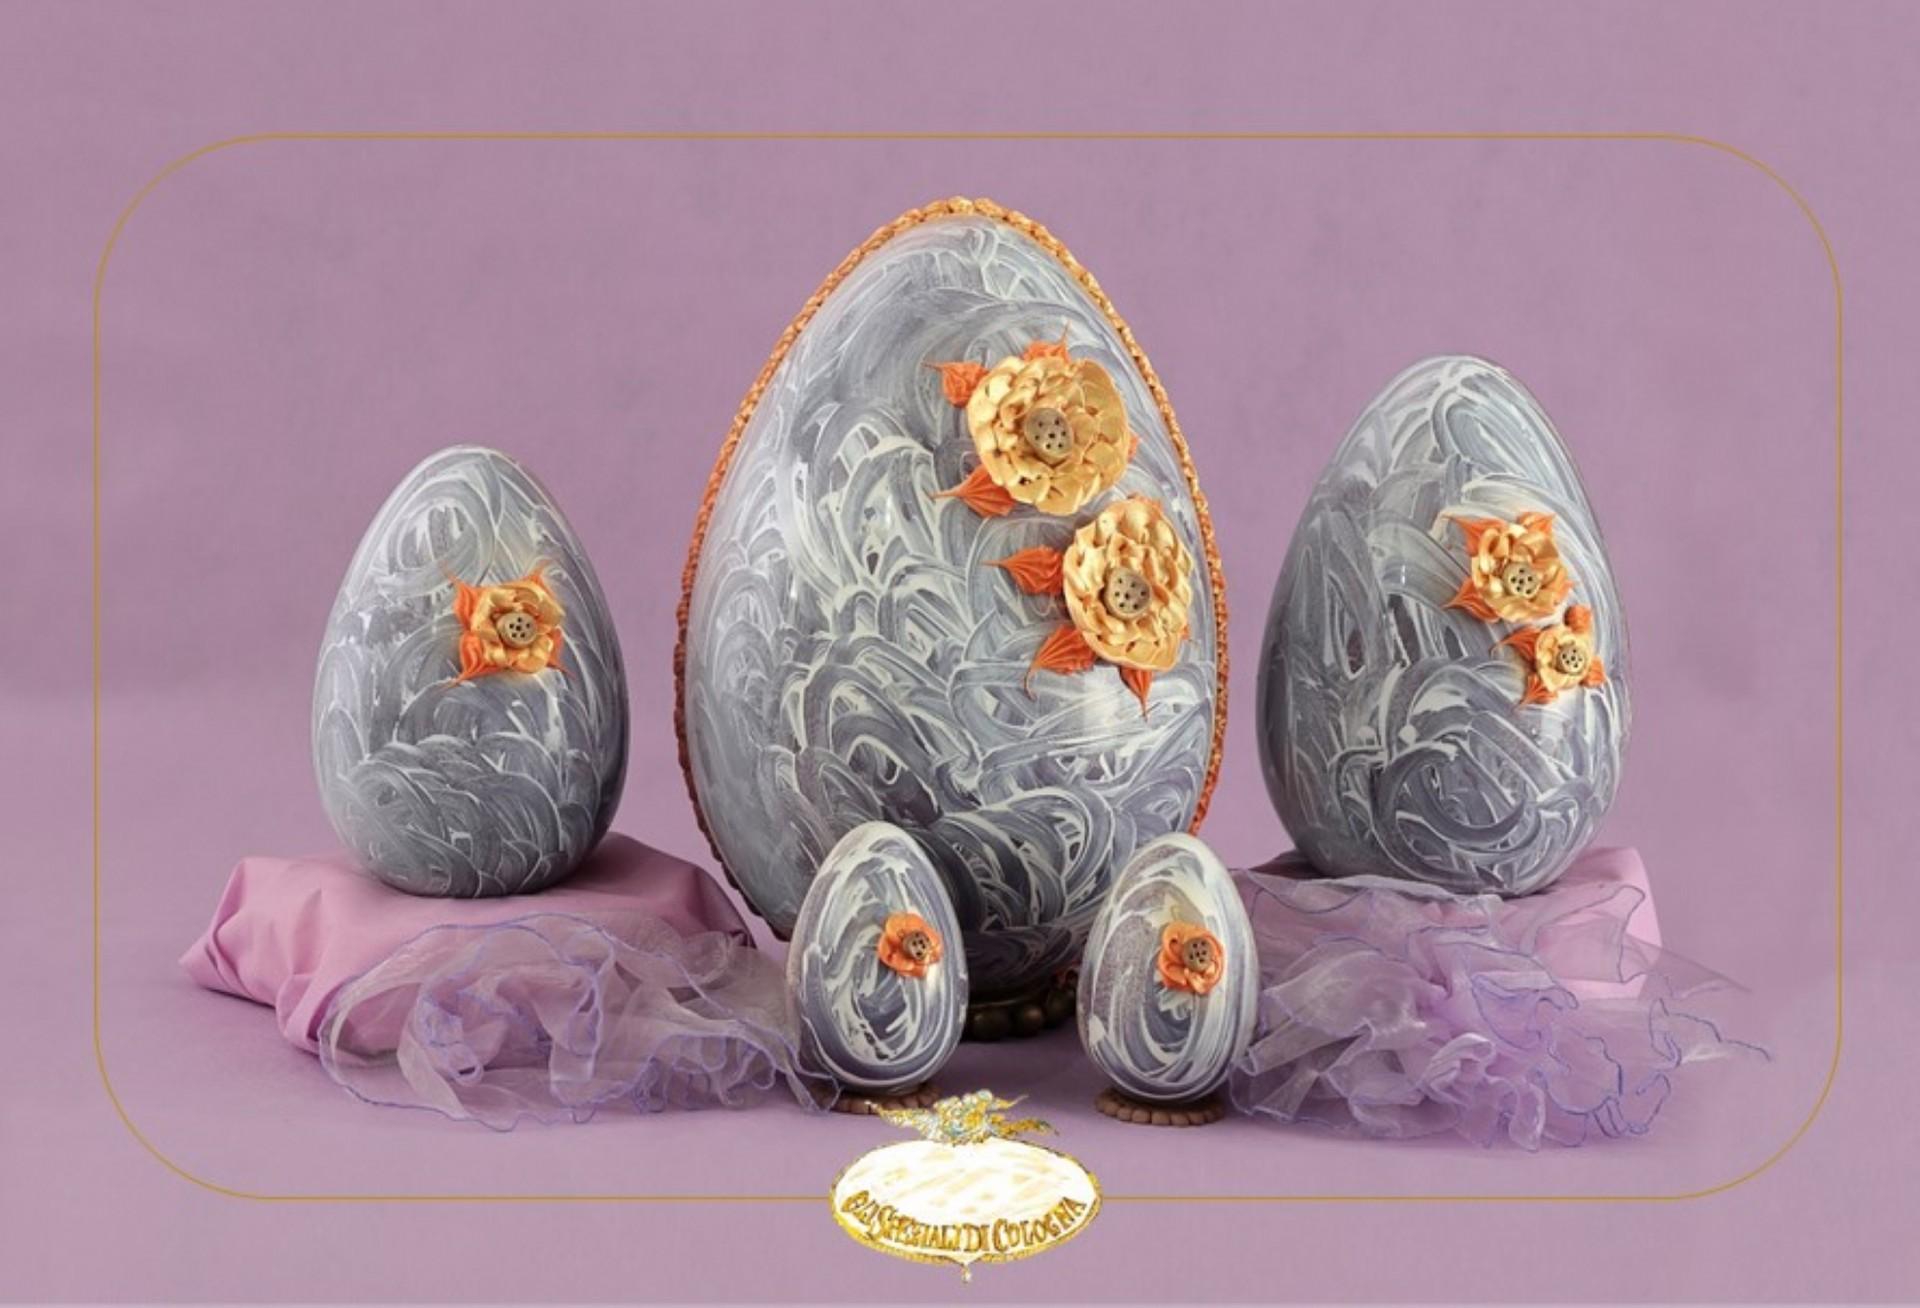 gli-speziali-di-cologna-veneta-uovo-di-cioccolato-pasquale-con-sorpresa-saturno.jpg